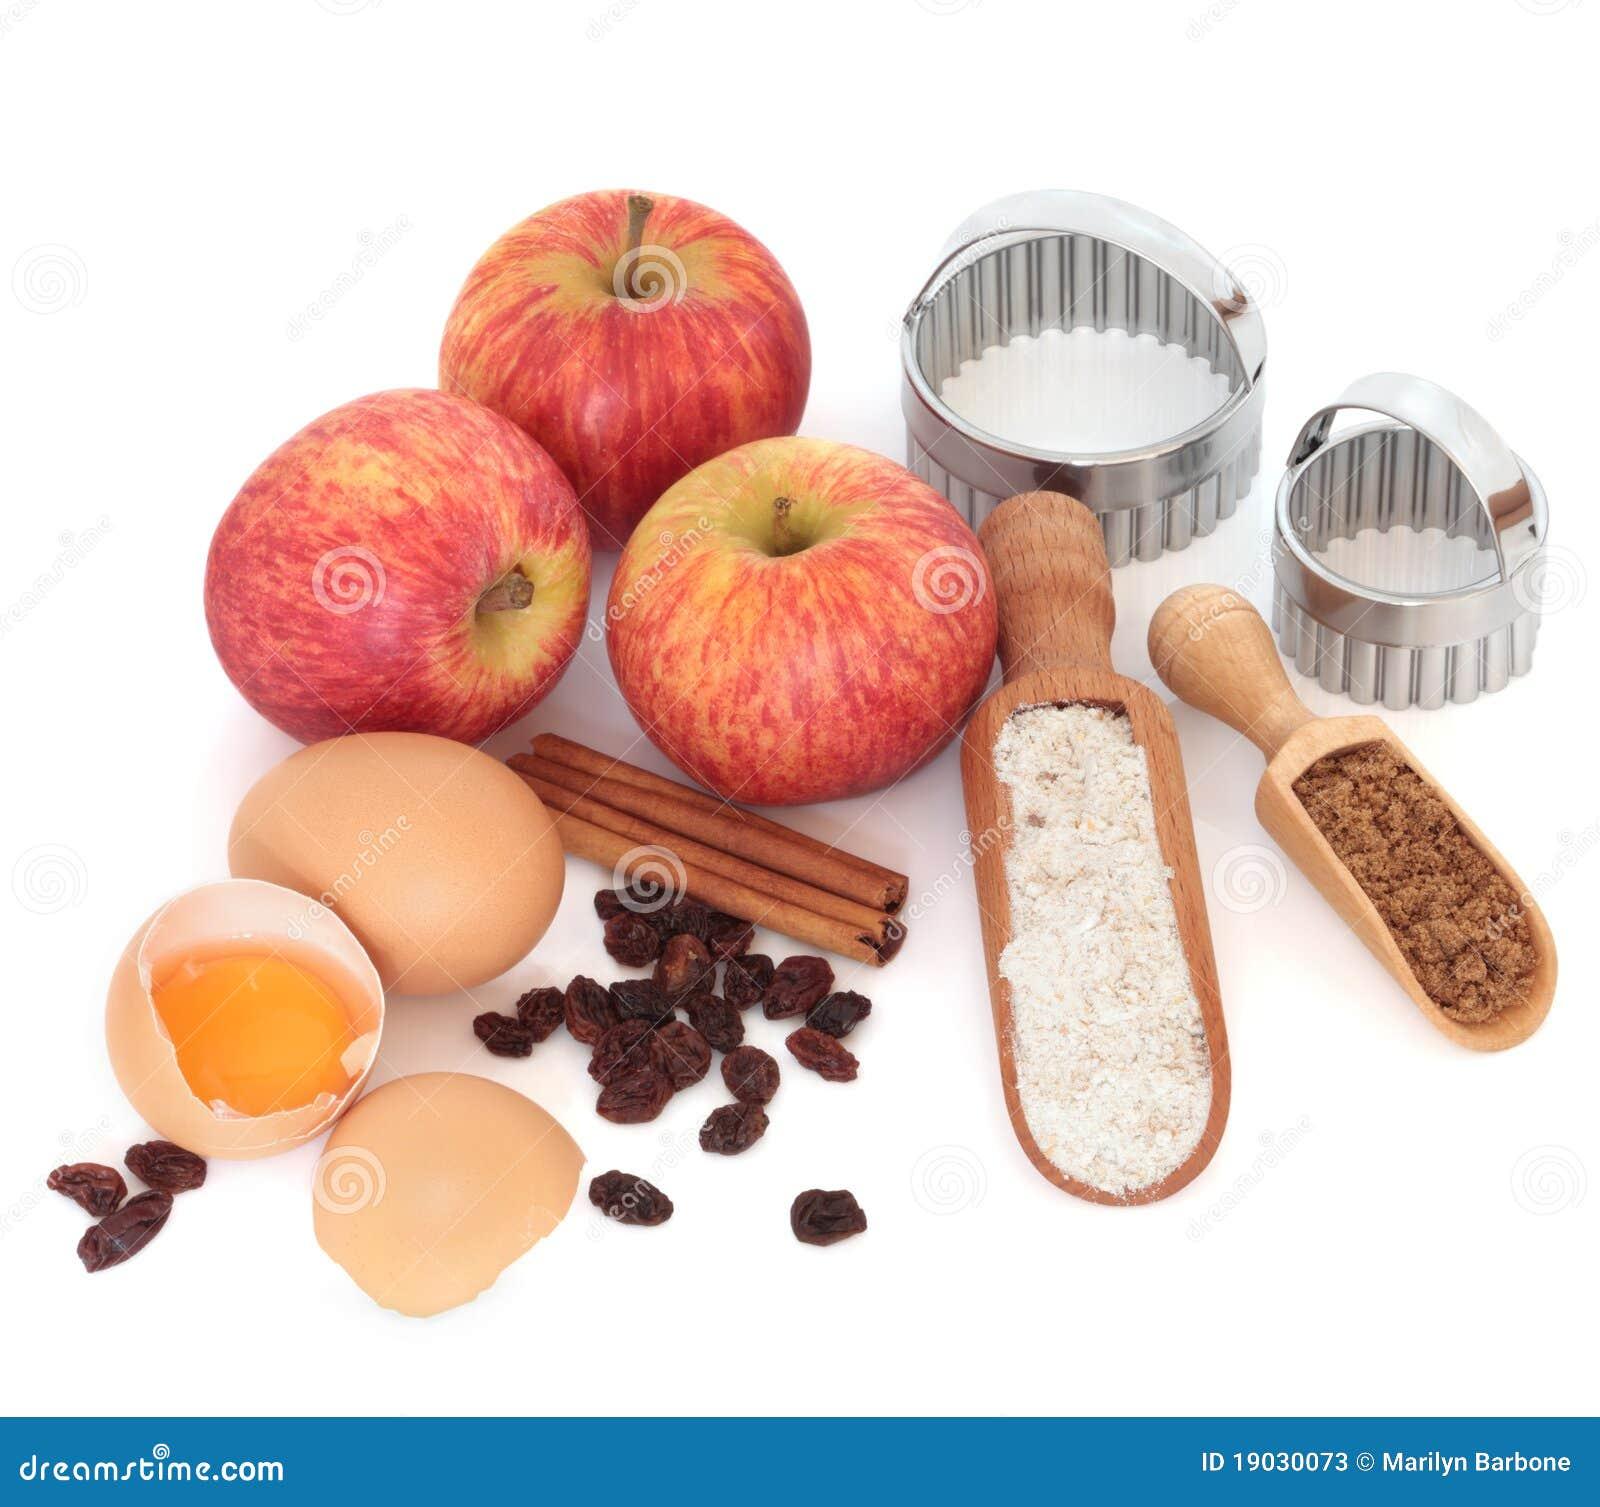 Apple Pie Ingredients Stock Photos Image 19030073